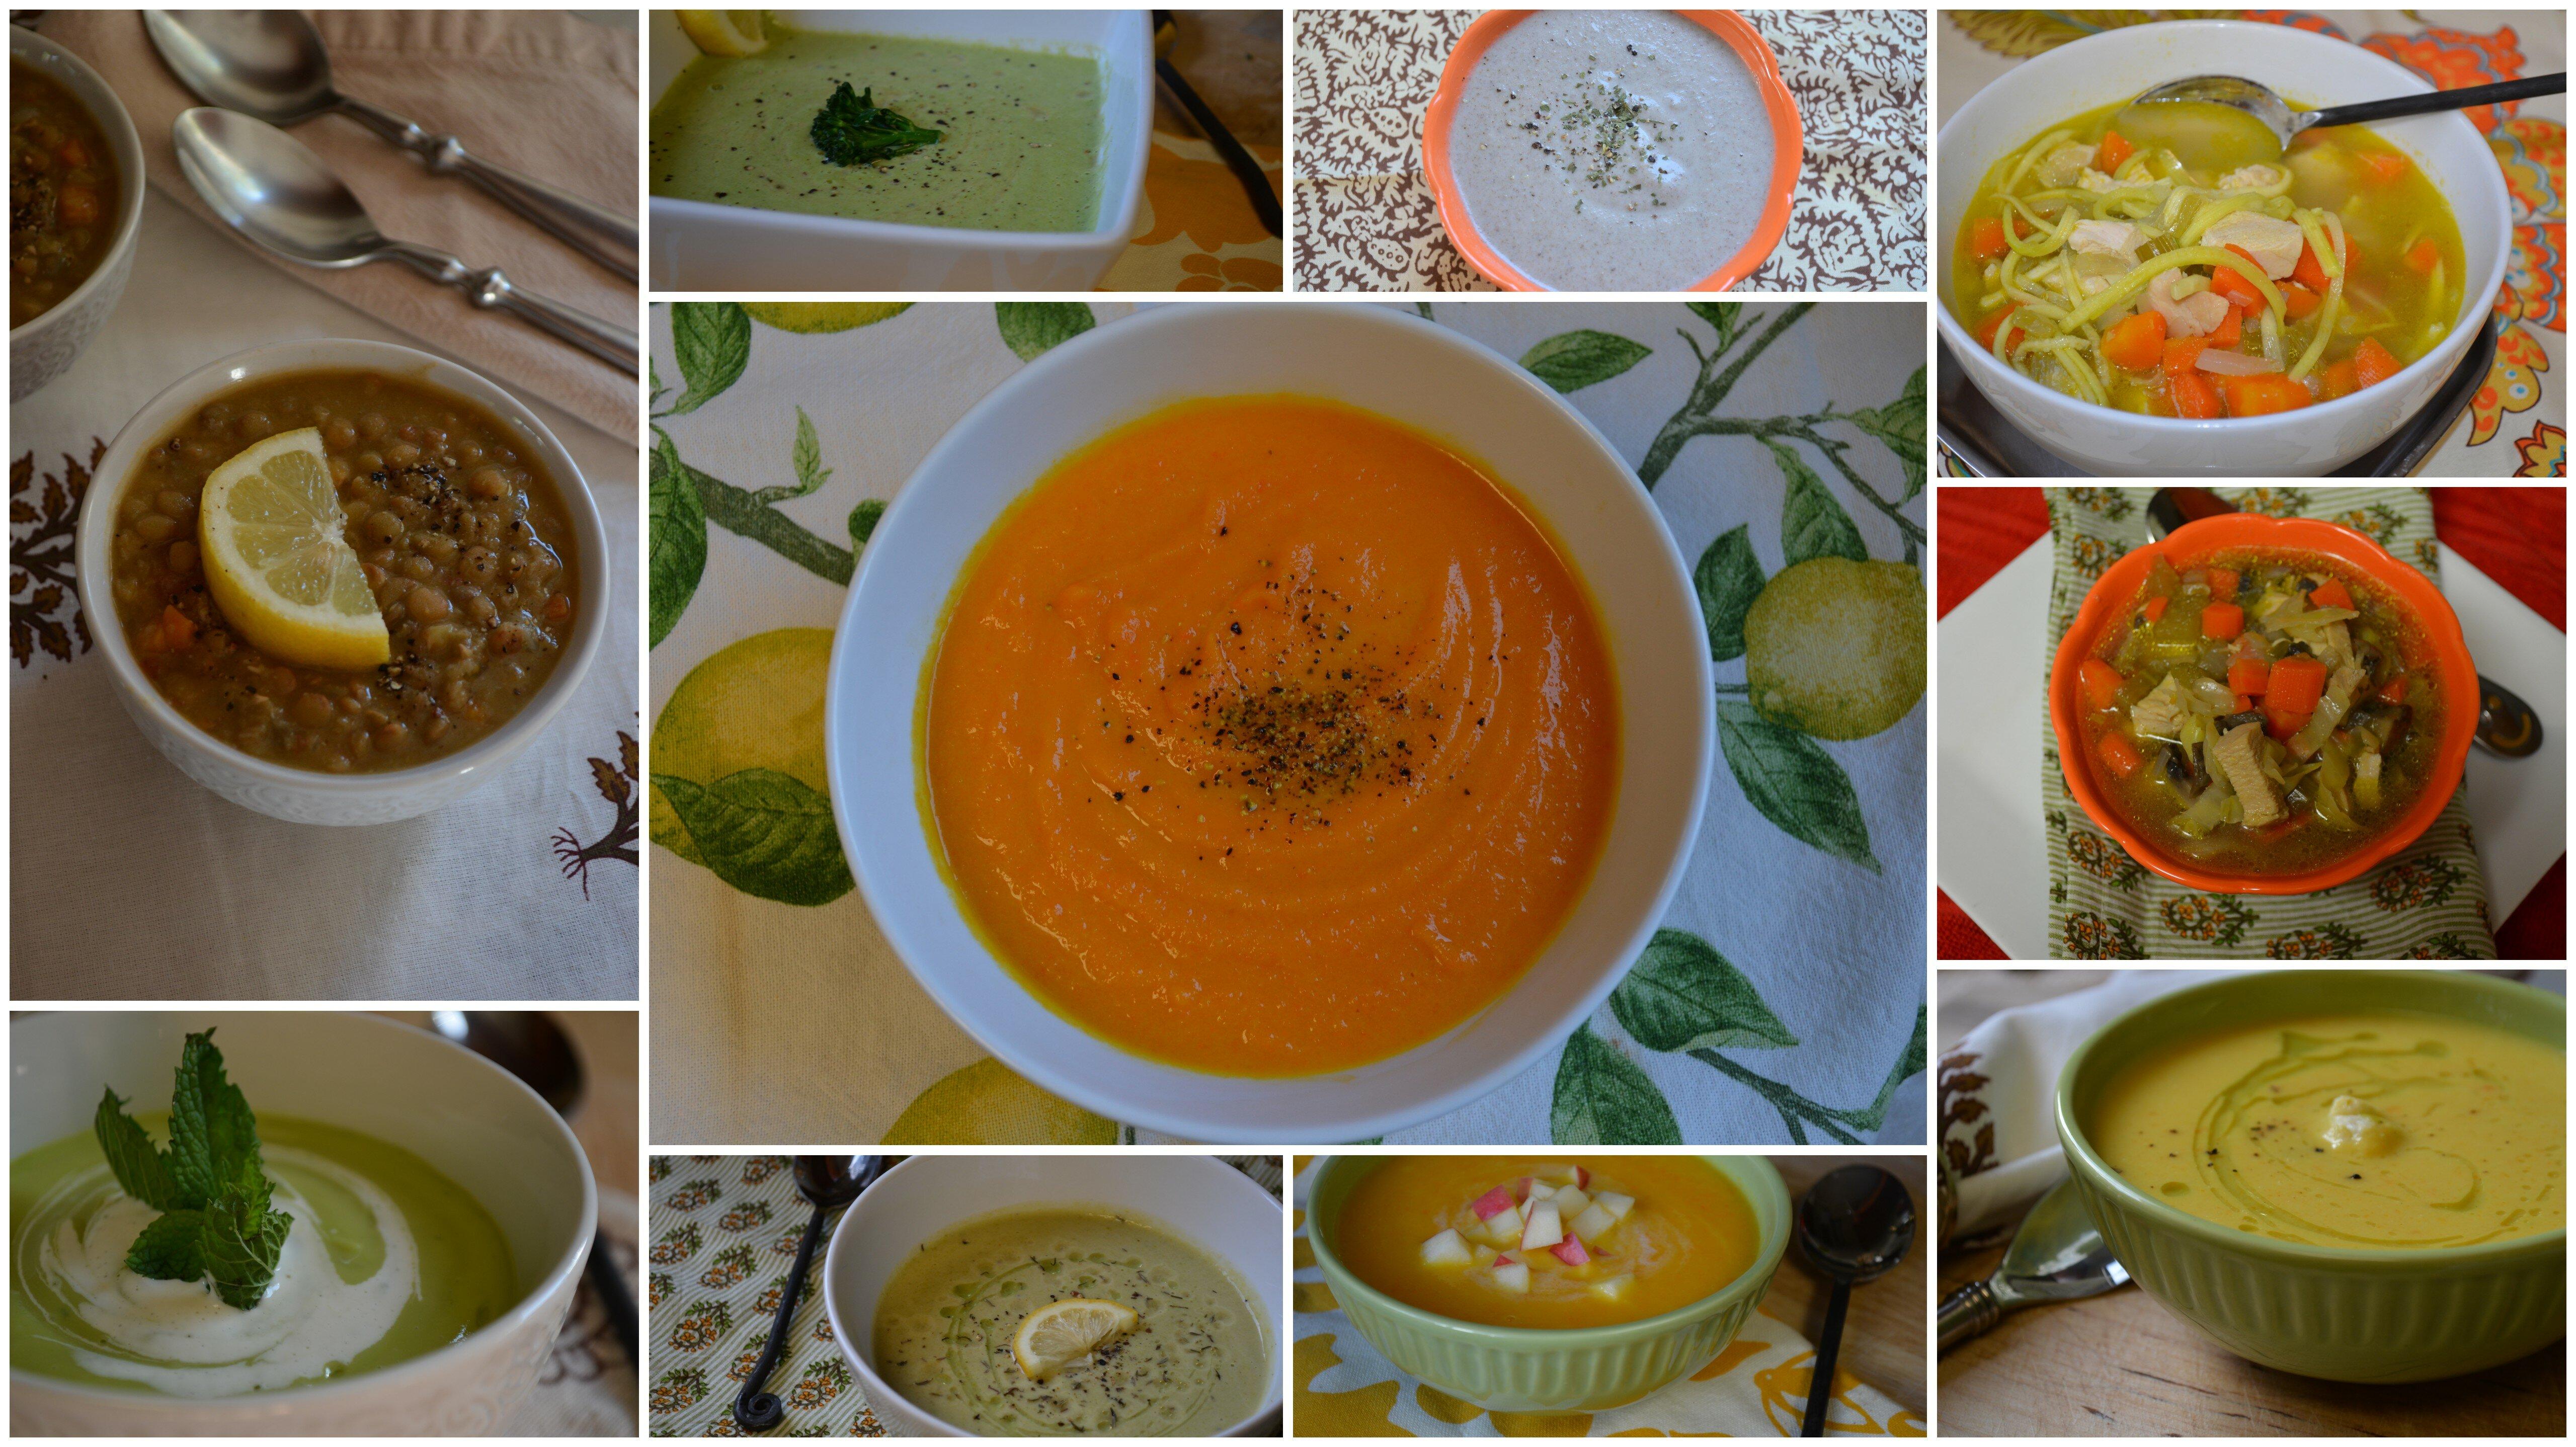 soups stalks sauces